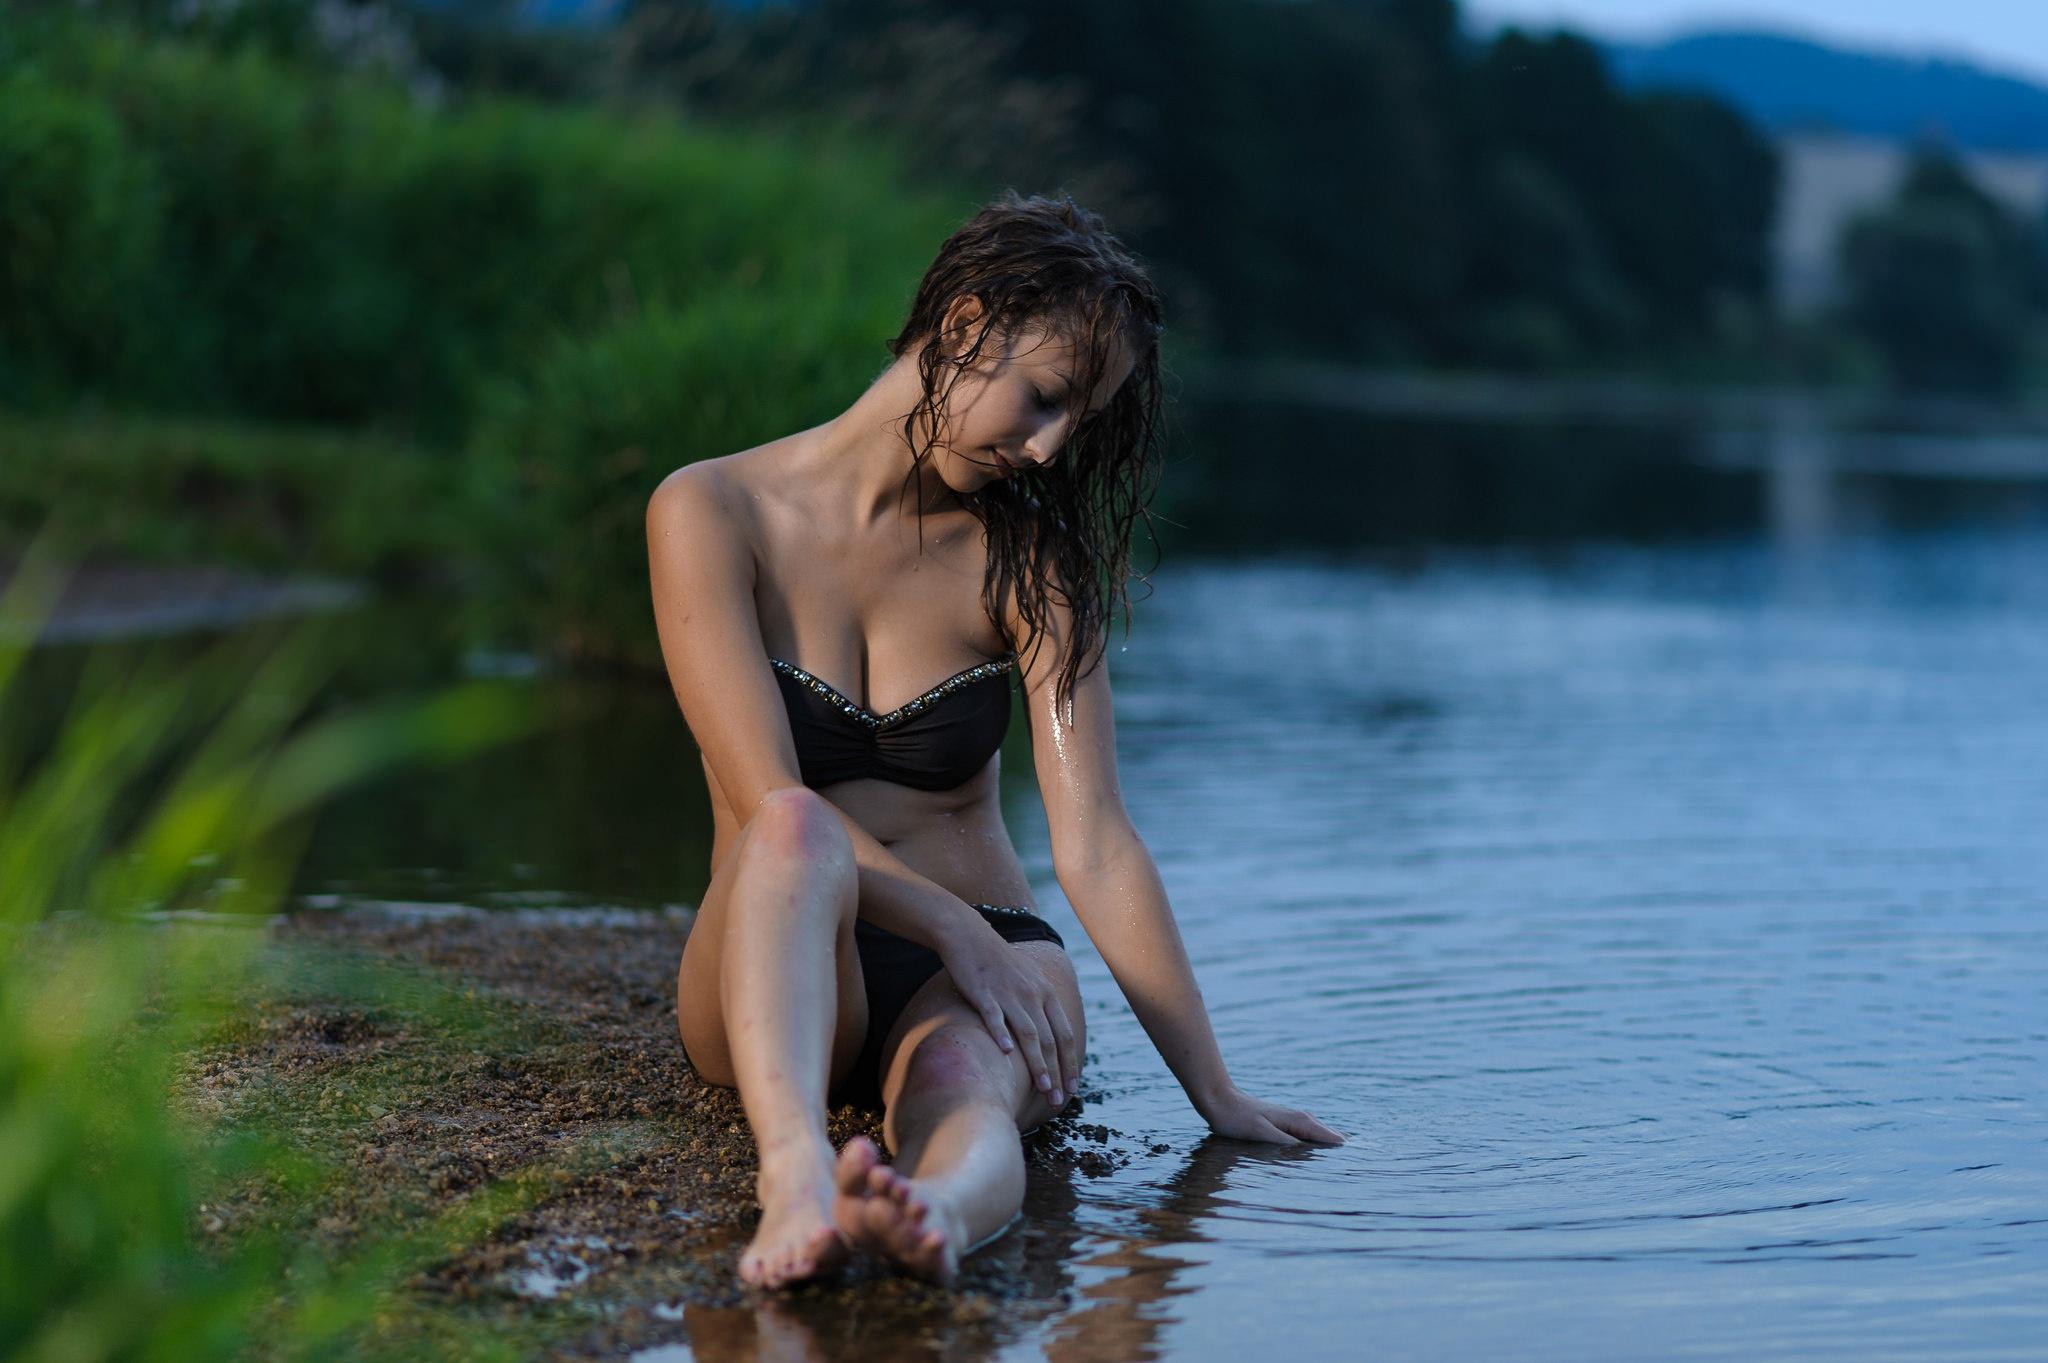 Эротика от искушенной девушки на речке  587186